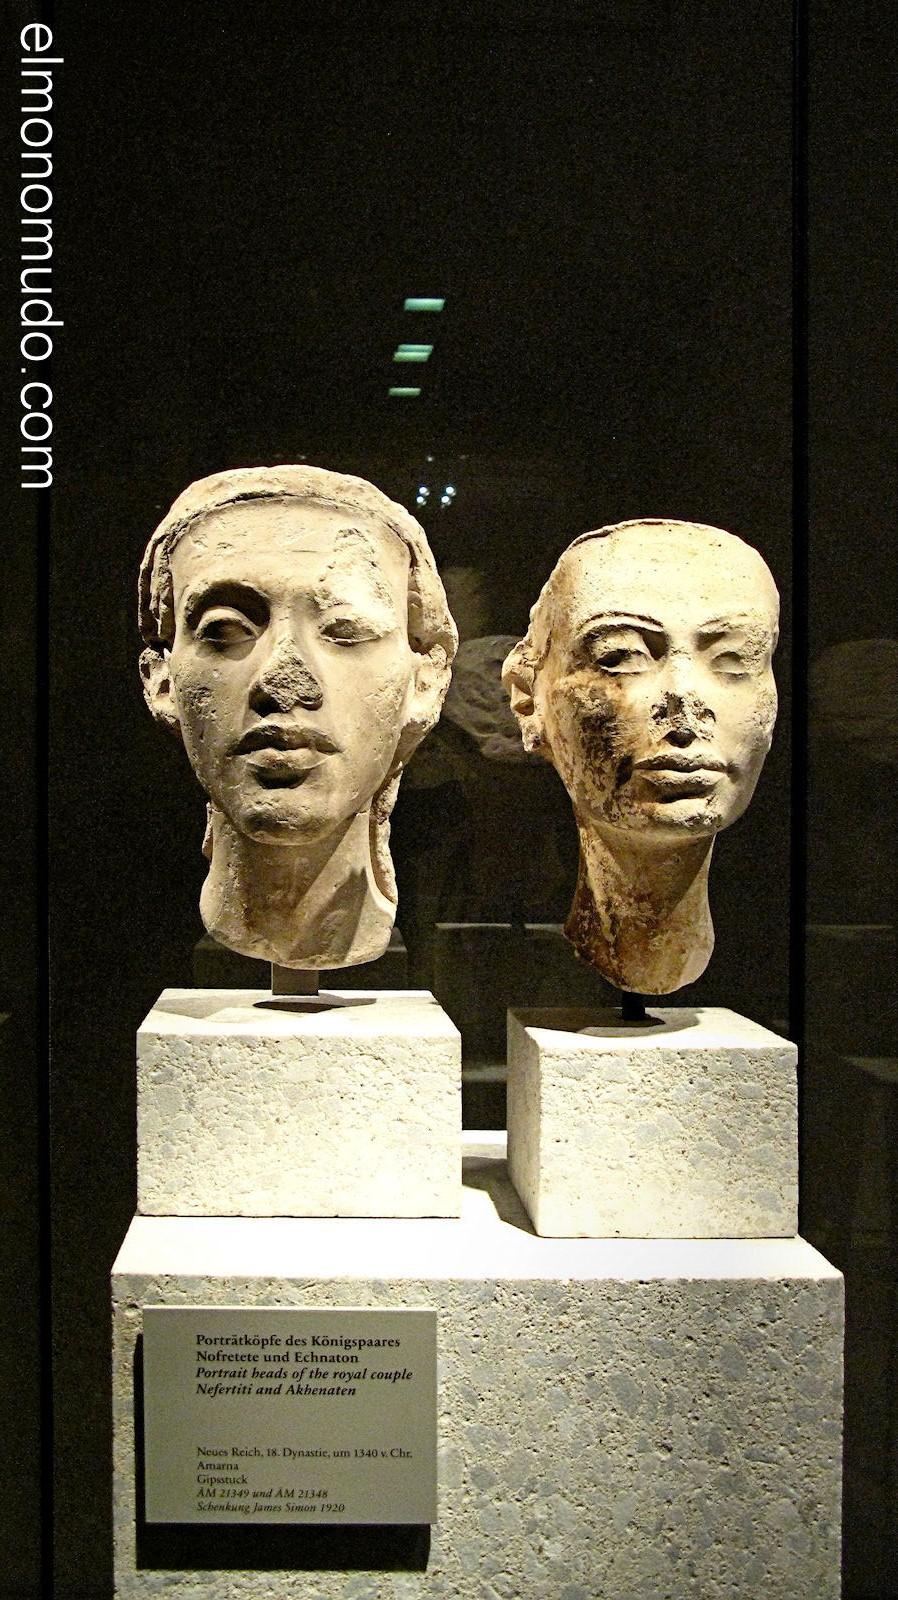 akenathon-nefertiti-neues-museum-berlin-2010